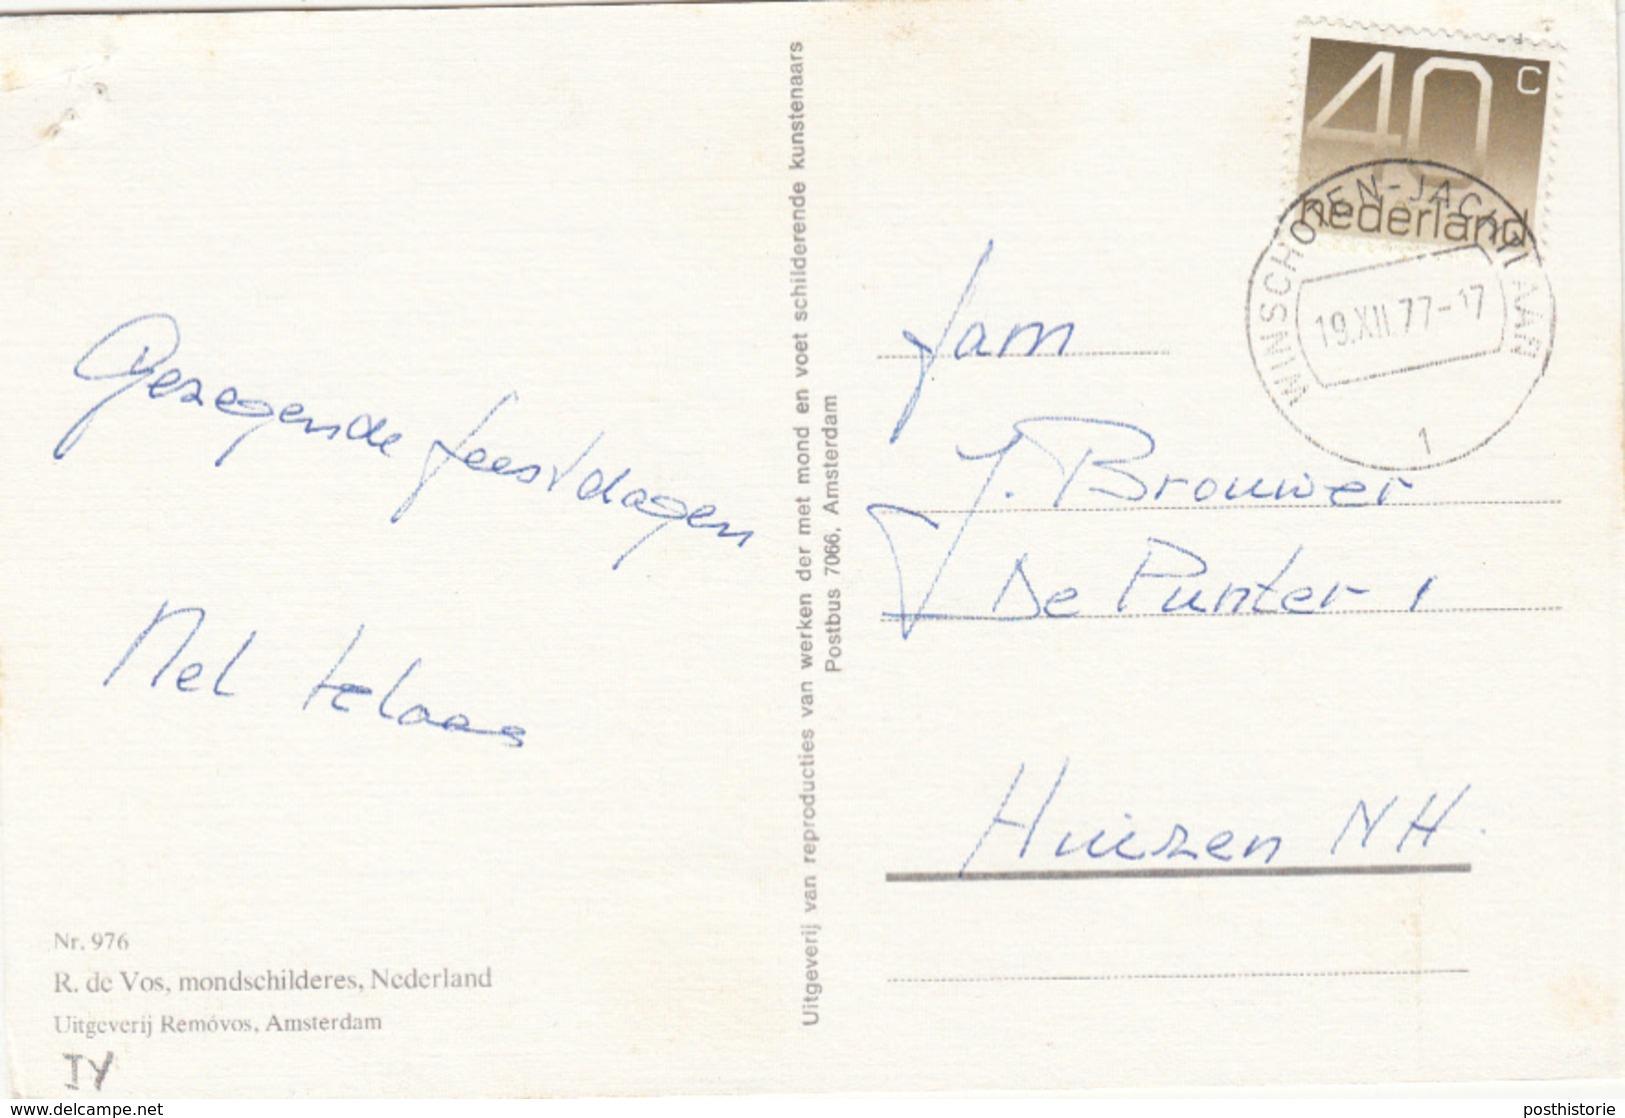 Ansicht 19 Dec 1977 Winschoten Jachtlaan (type CB) - Postal History